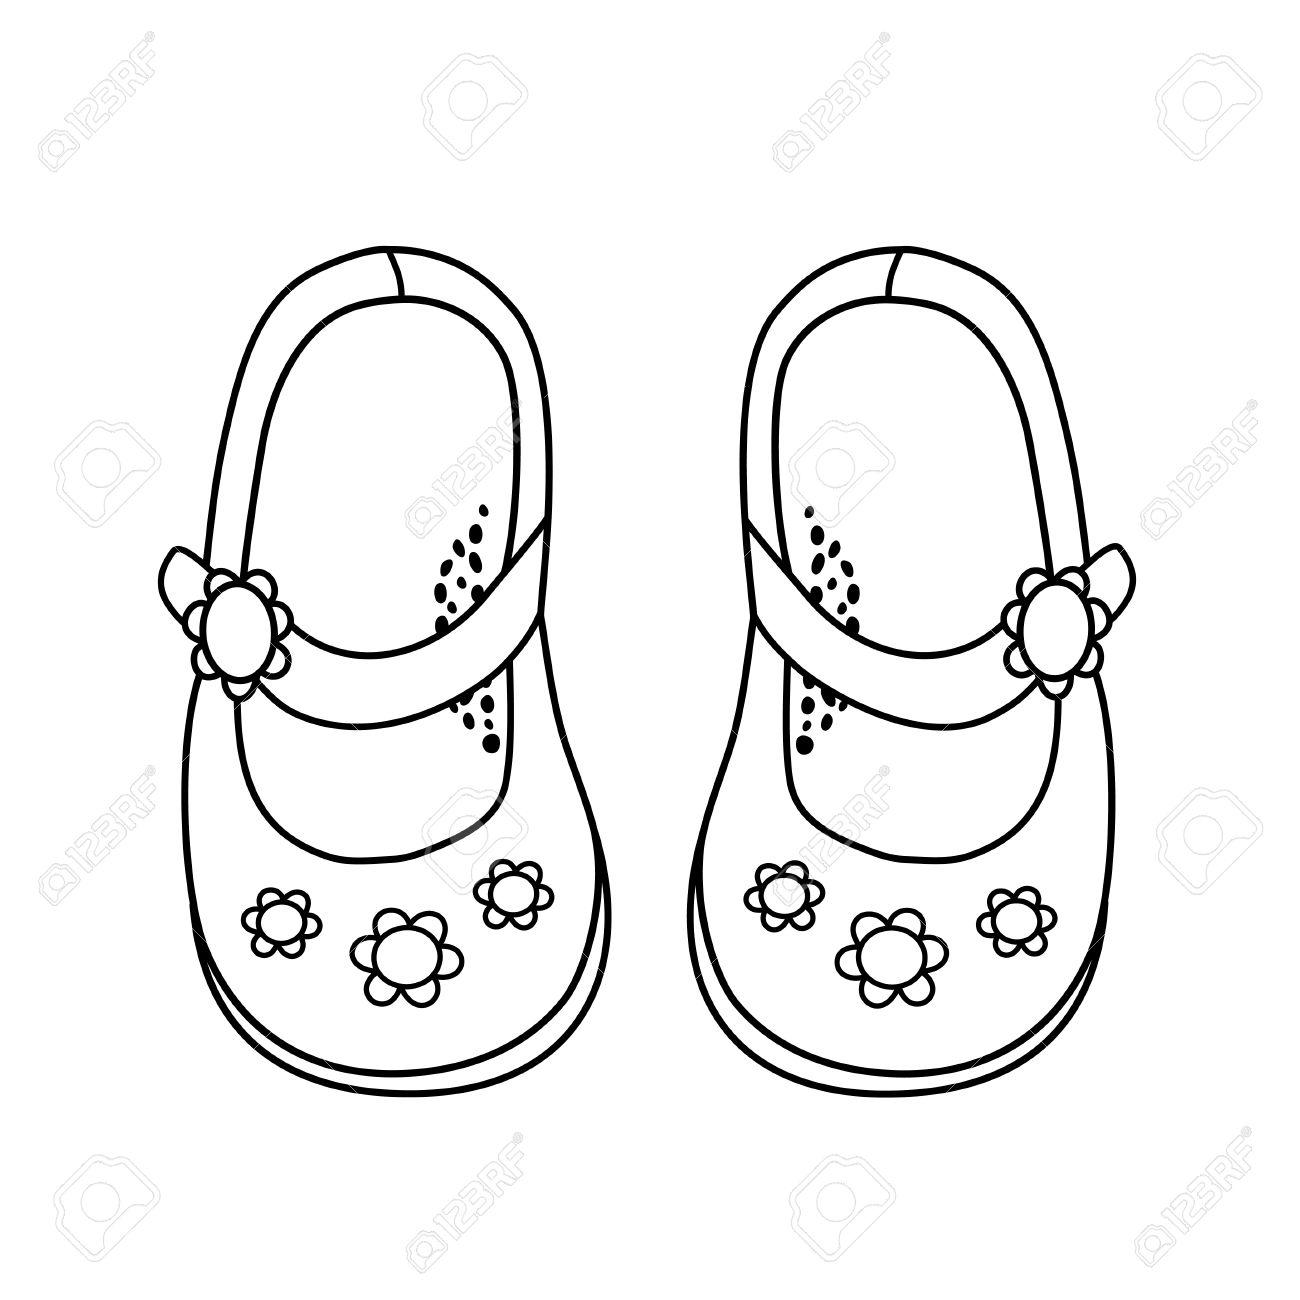 Schuhe Fur Kleine Madchen Hand Gezeichnete Umriss Und Schlaganfall